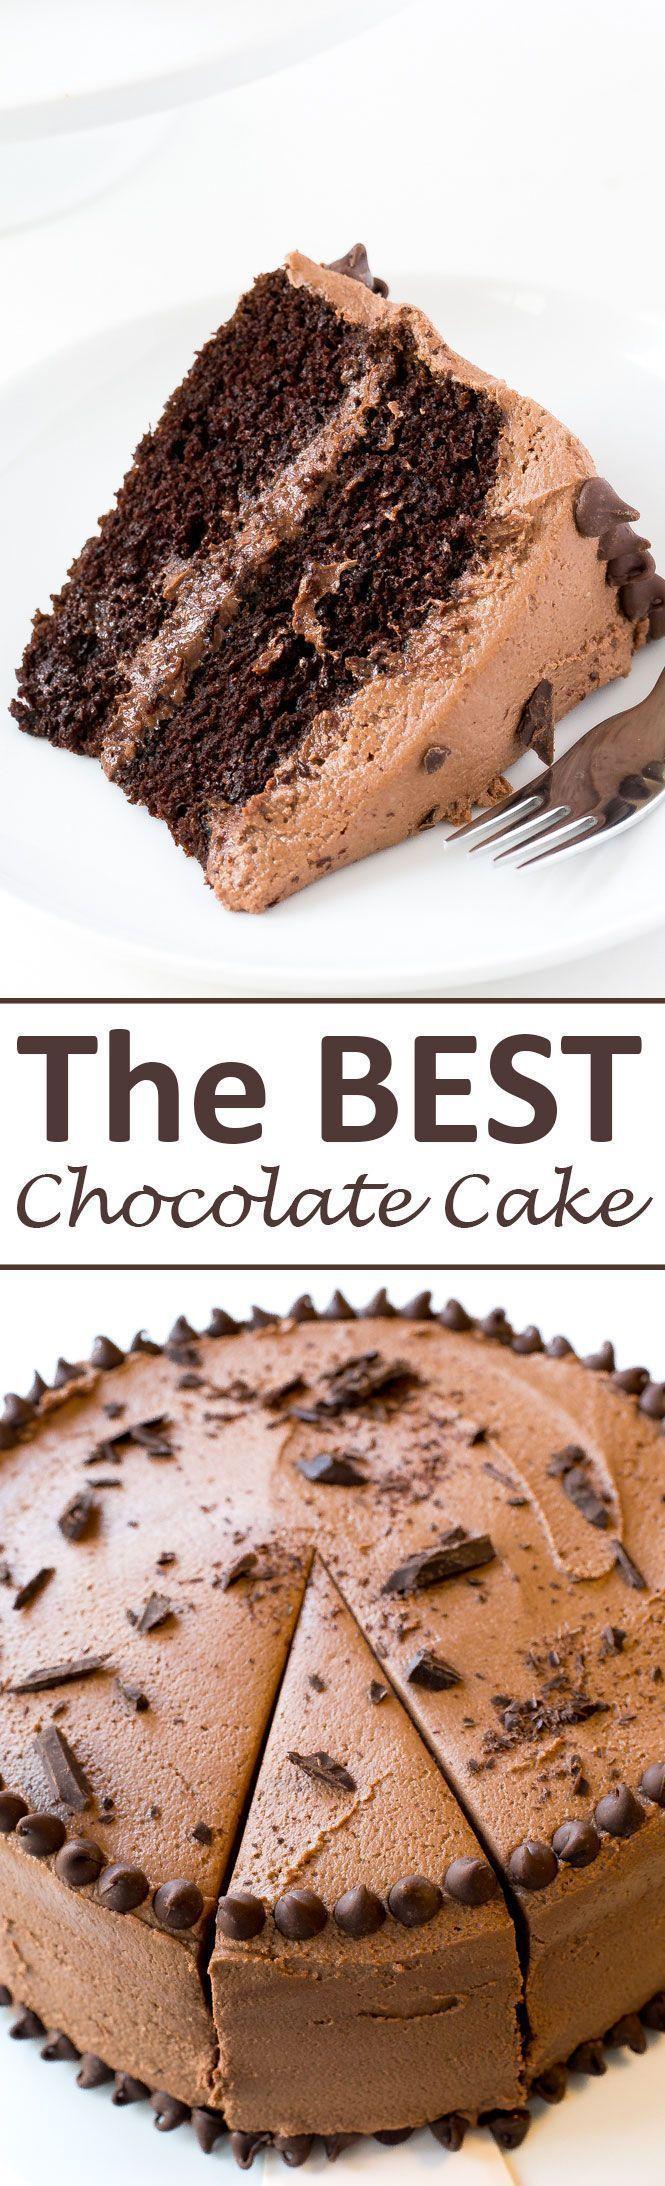 Best 20+ Chocolate buttercream ideas on Pinterest | Butter icing ...